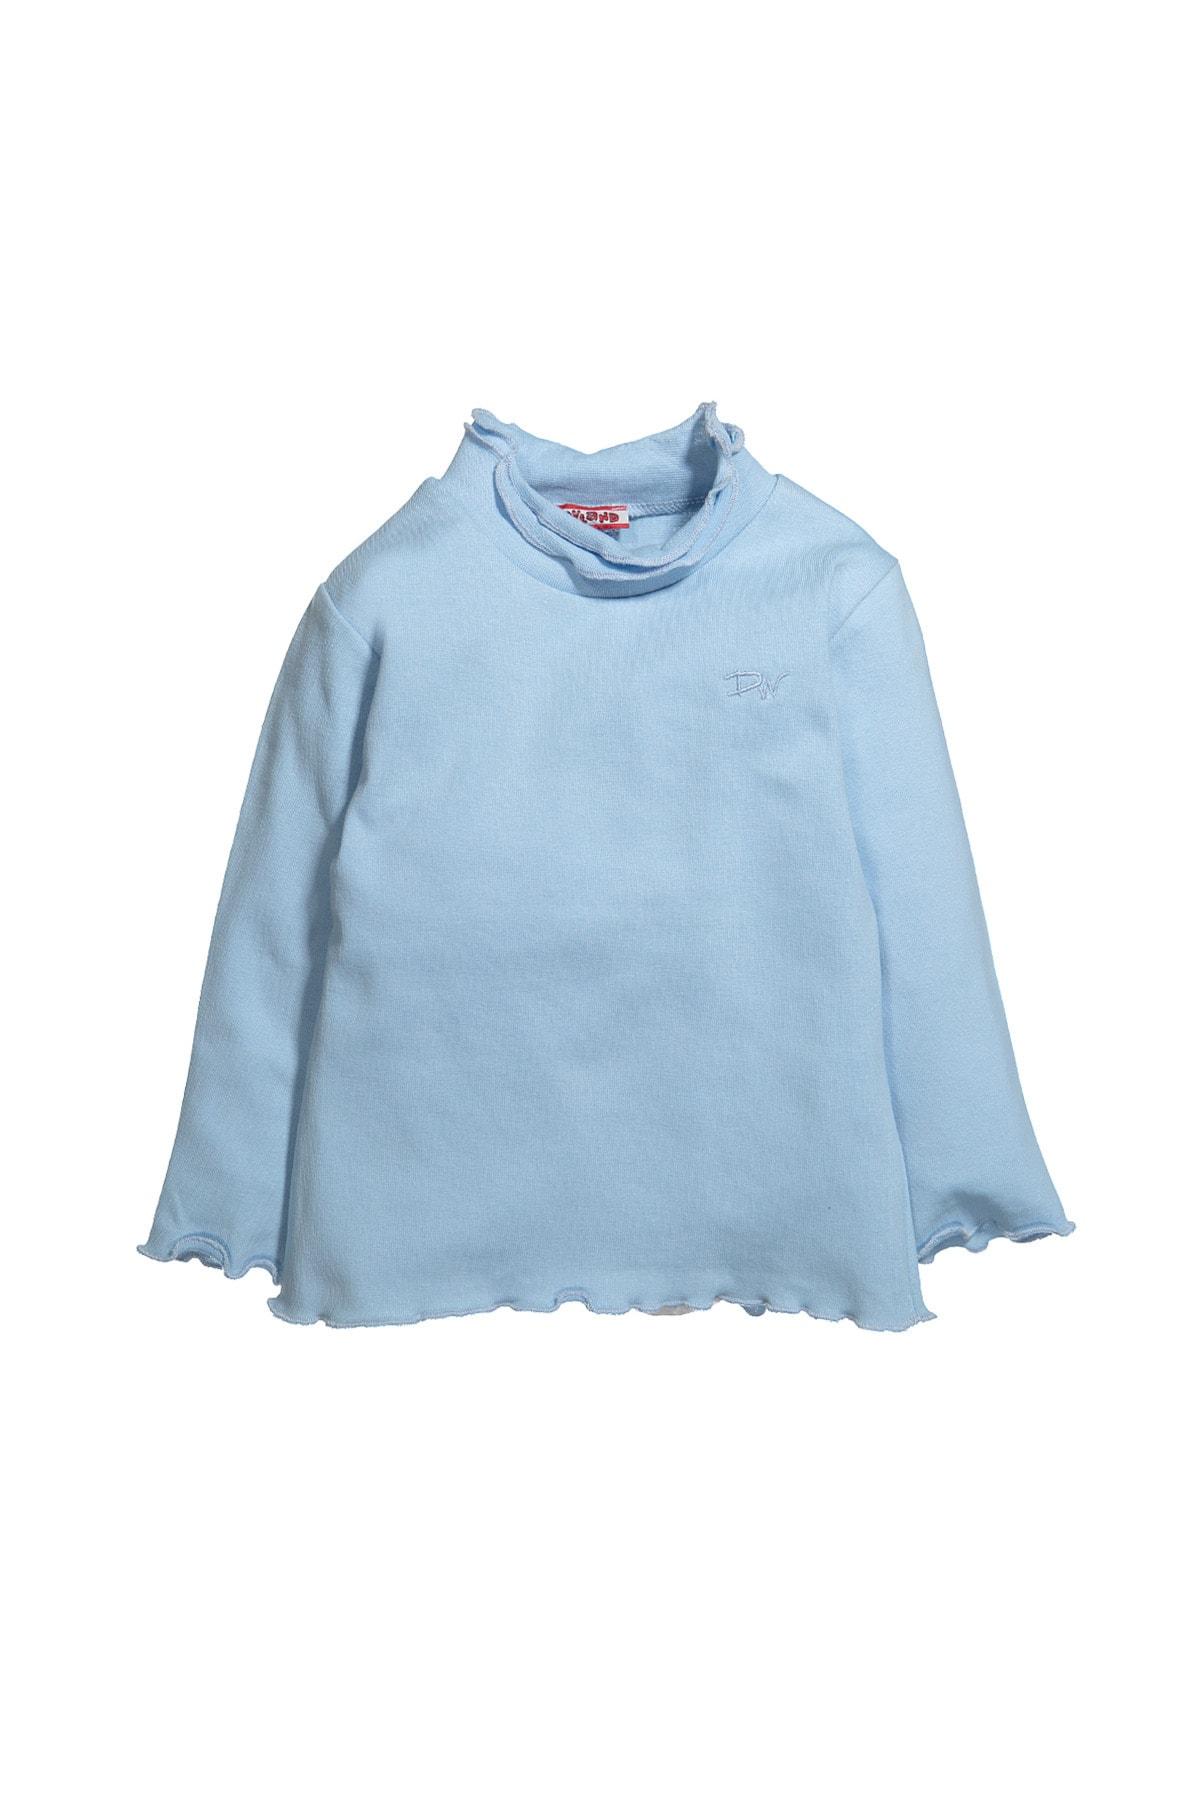 Zeyland Balıkçı Yaka Fırfırlı Uzun Kollu T-shirt (6ay-12yaş) 1